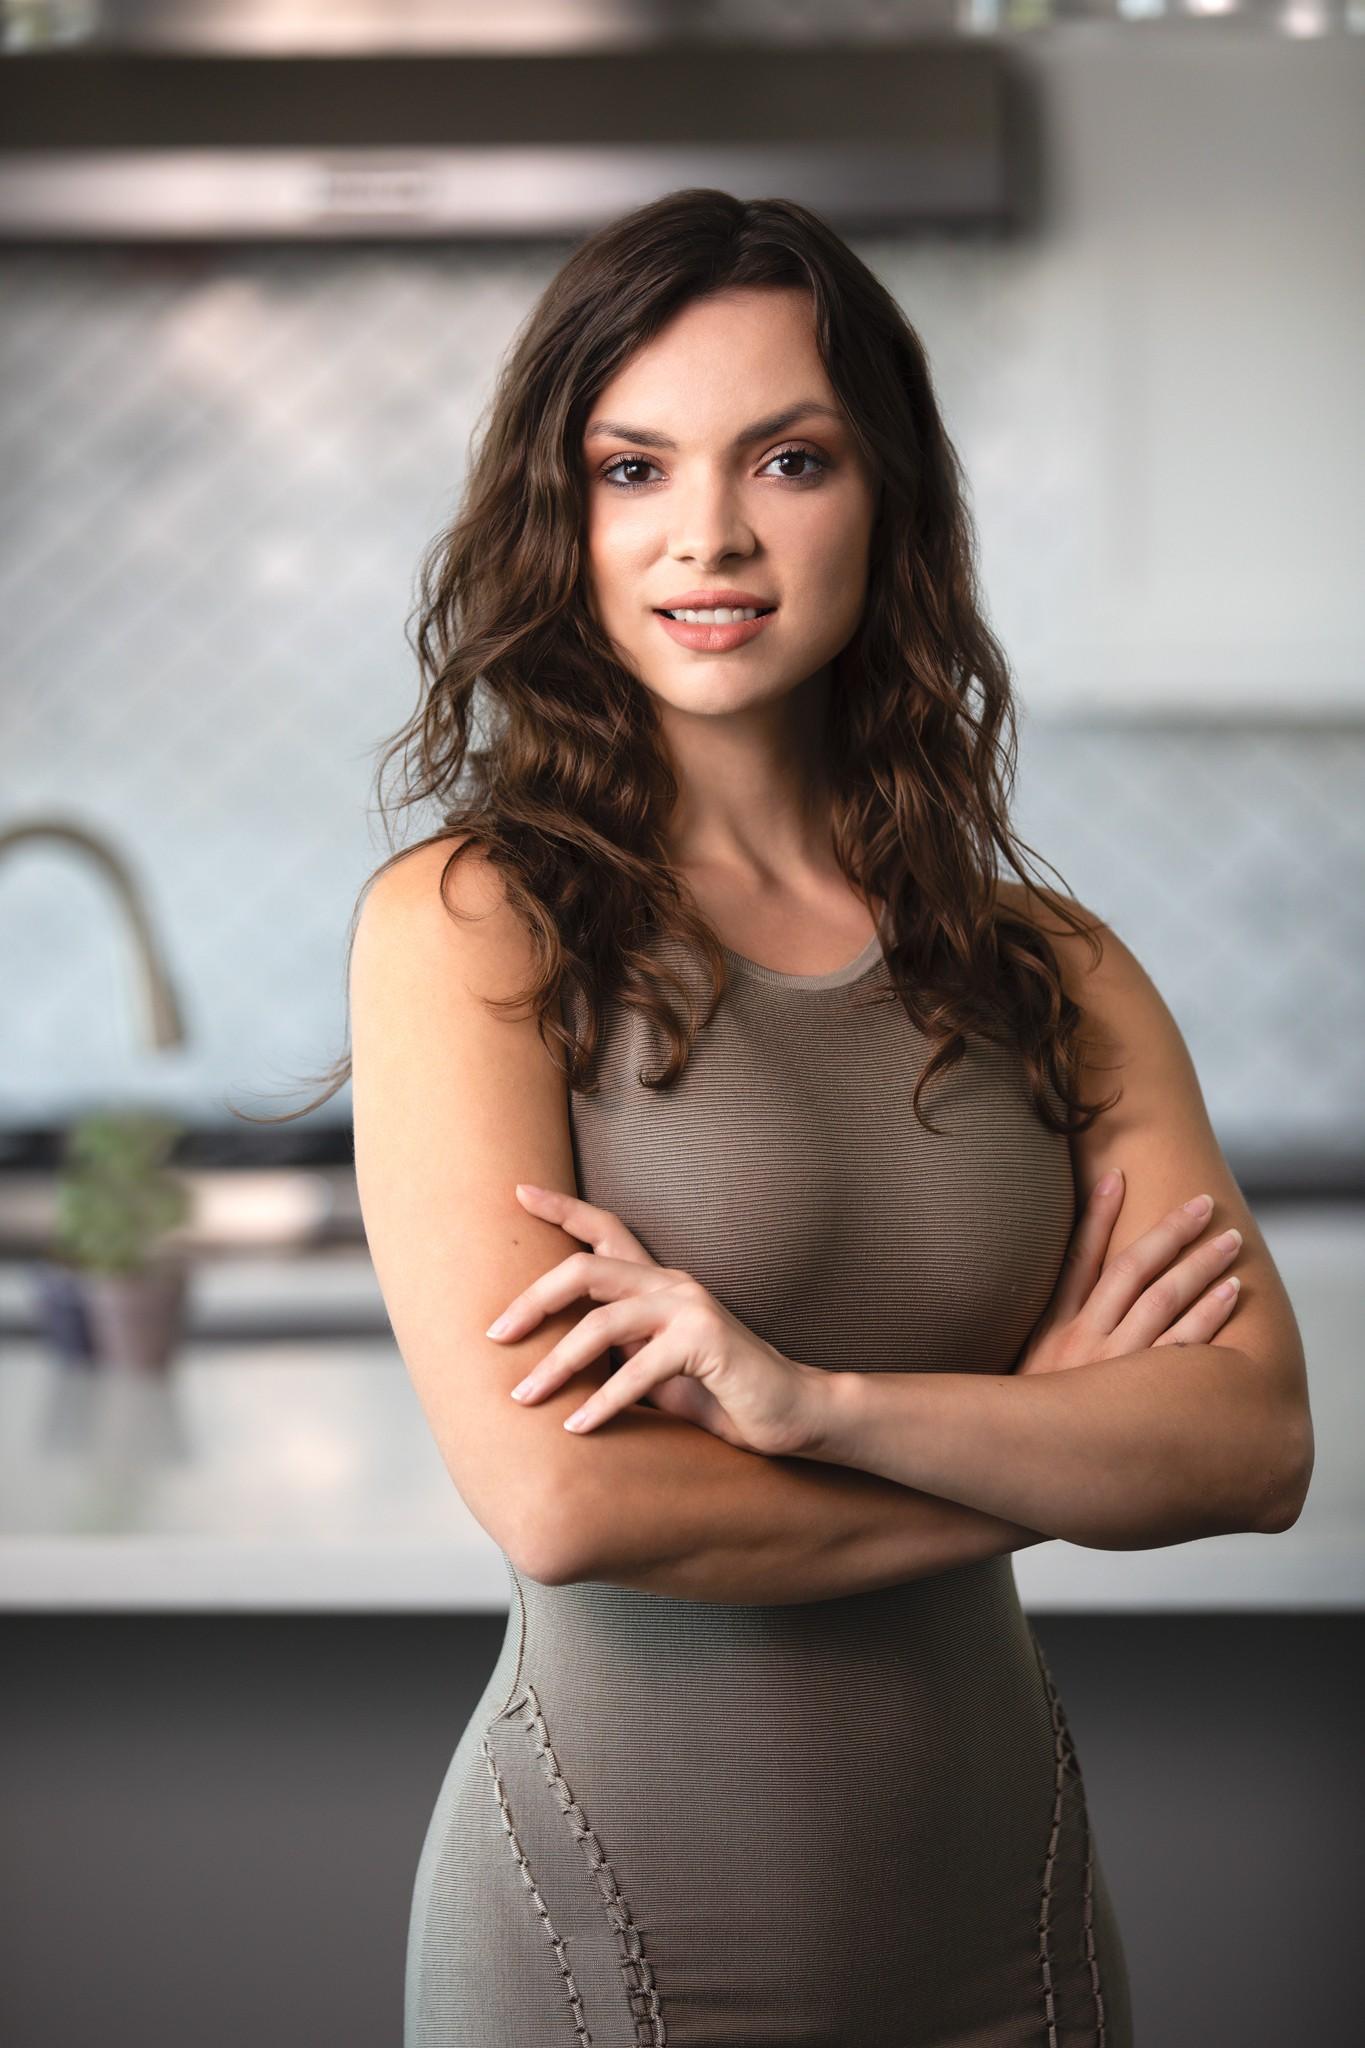 Nicole undefined Hardcastle